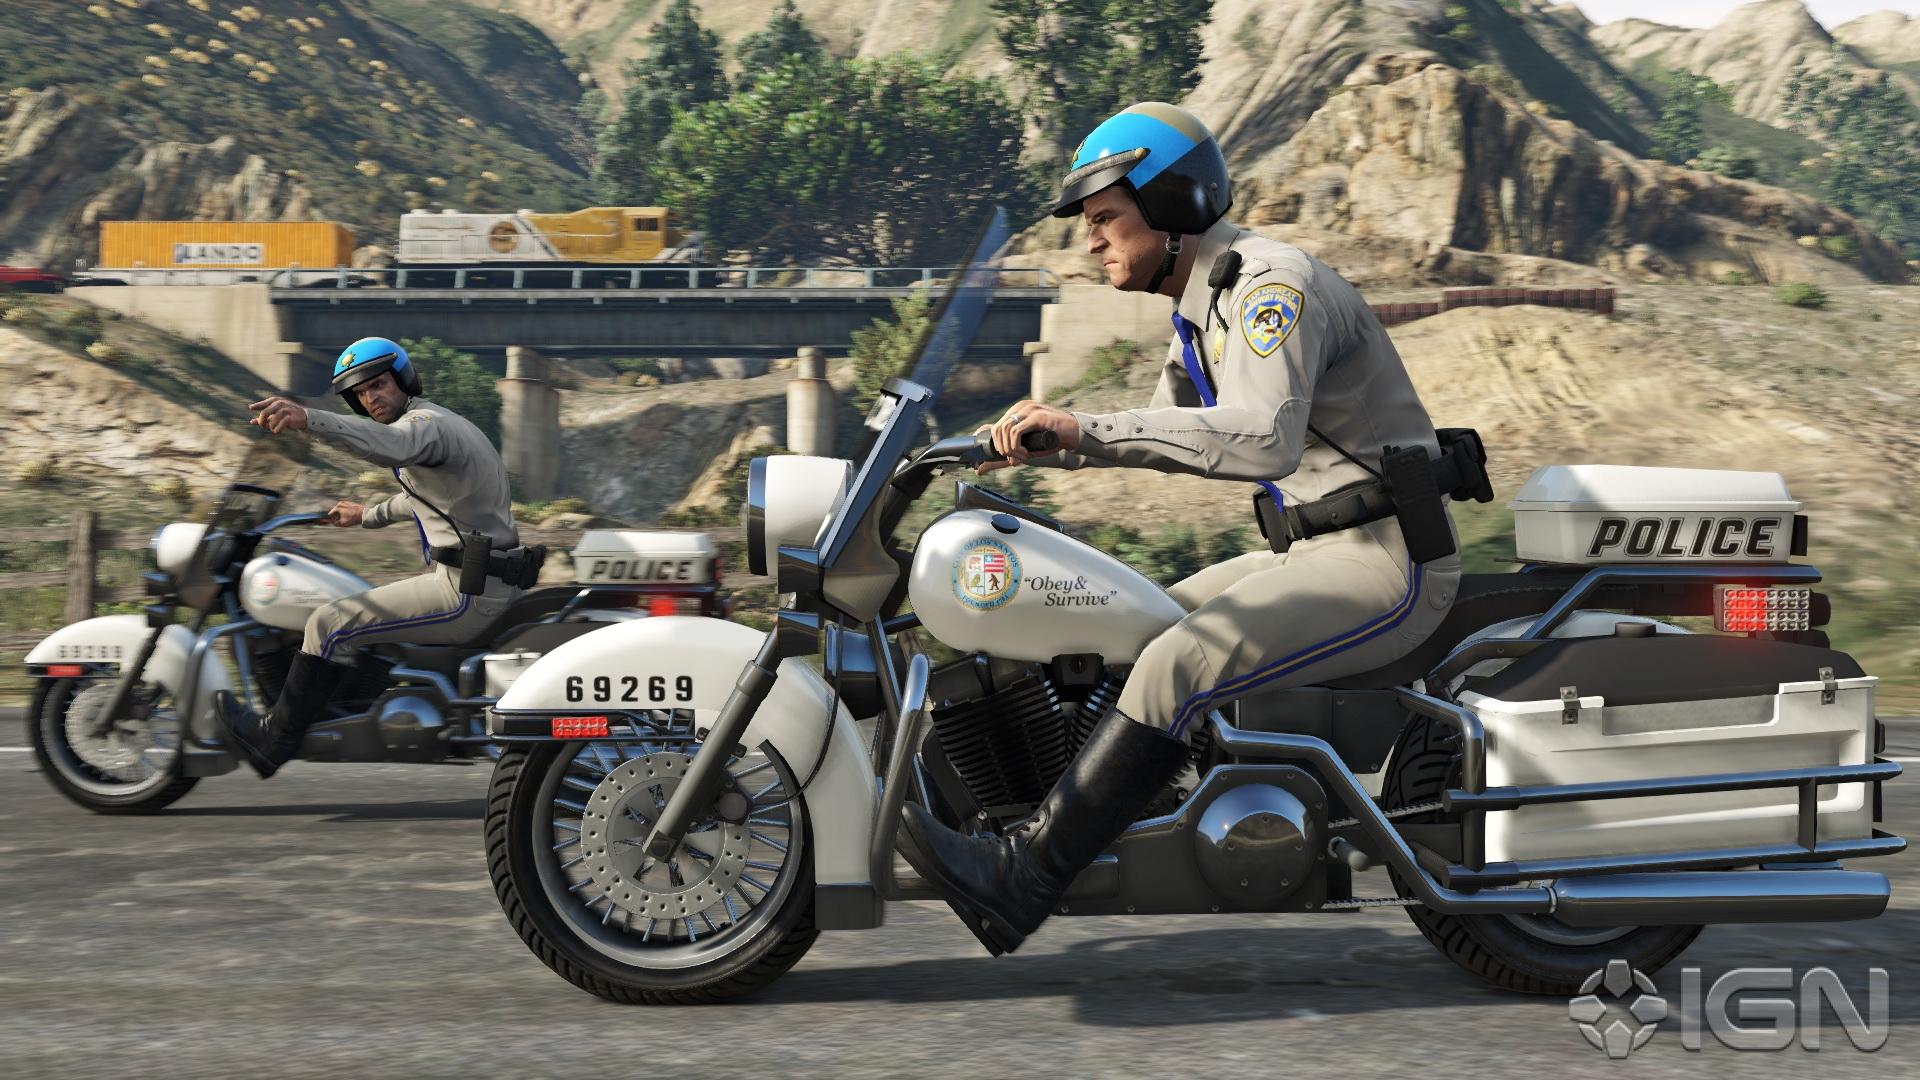 Dalších 25 nových obrázků z Grand Theft Auto V 102013